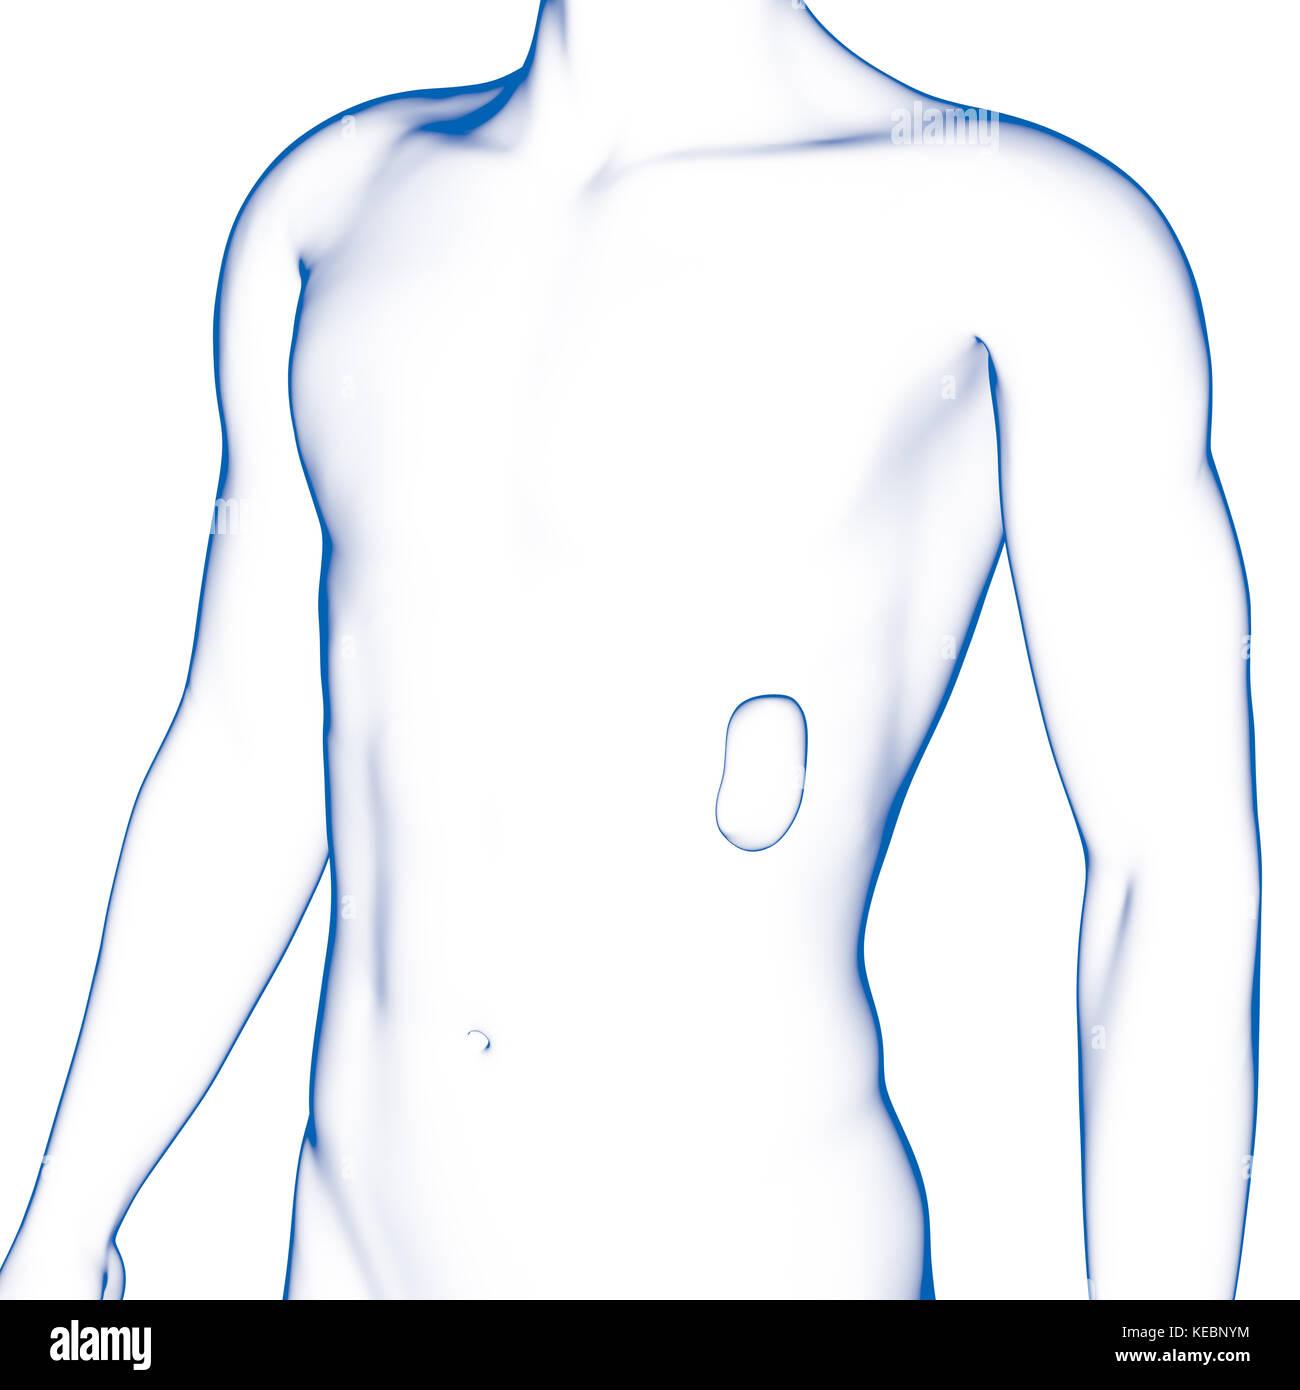 Human Spleen Imágenes De Stock & Human Spleen Fotos De Stock - Alamy